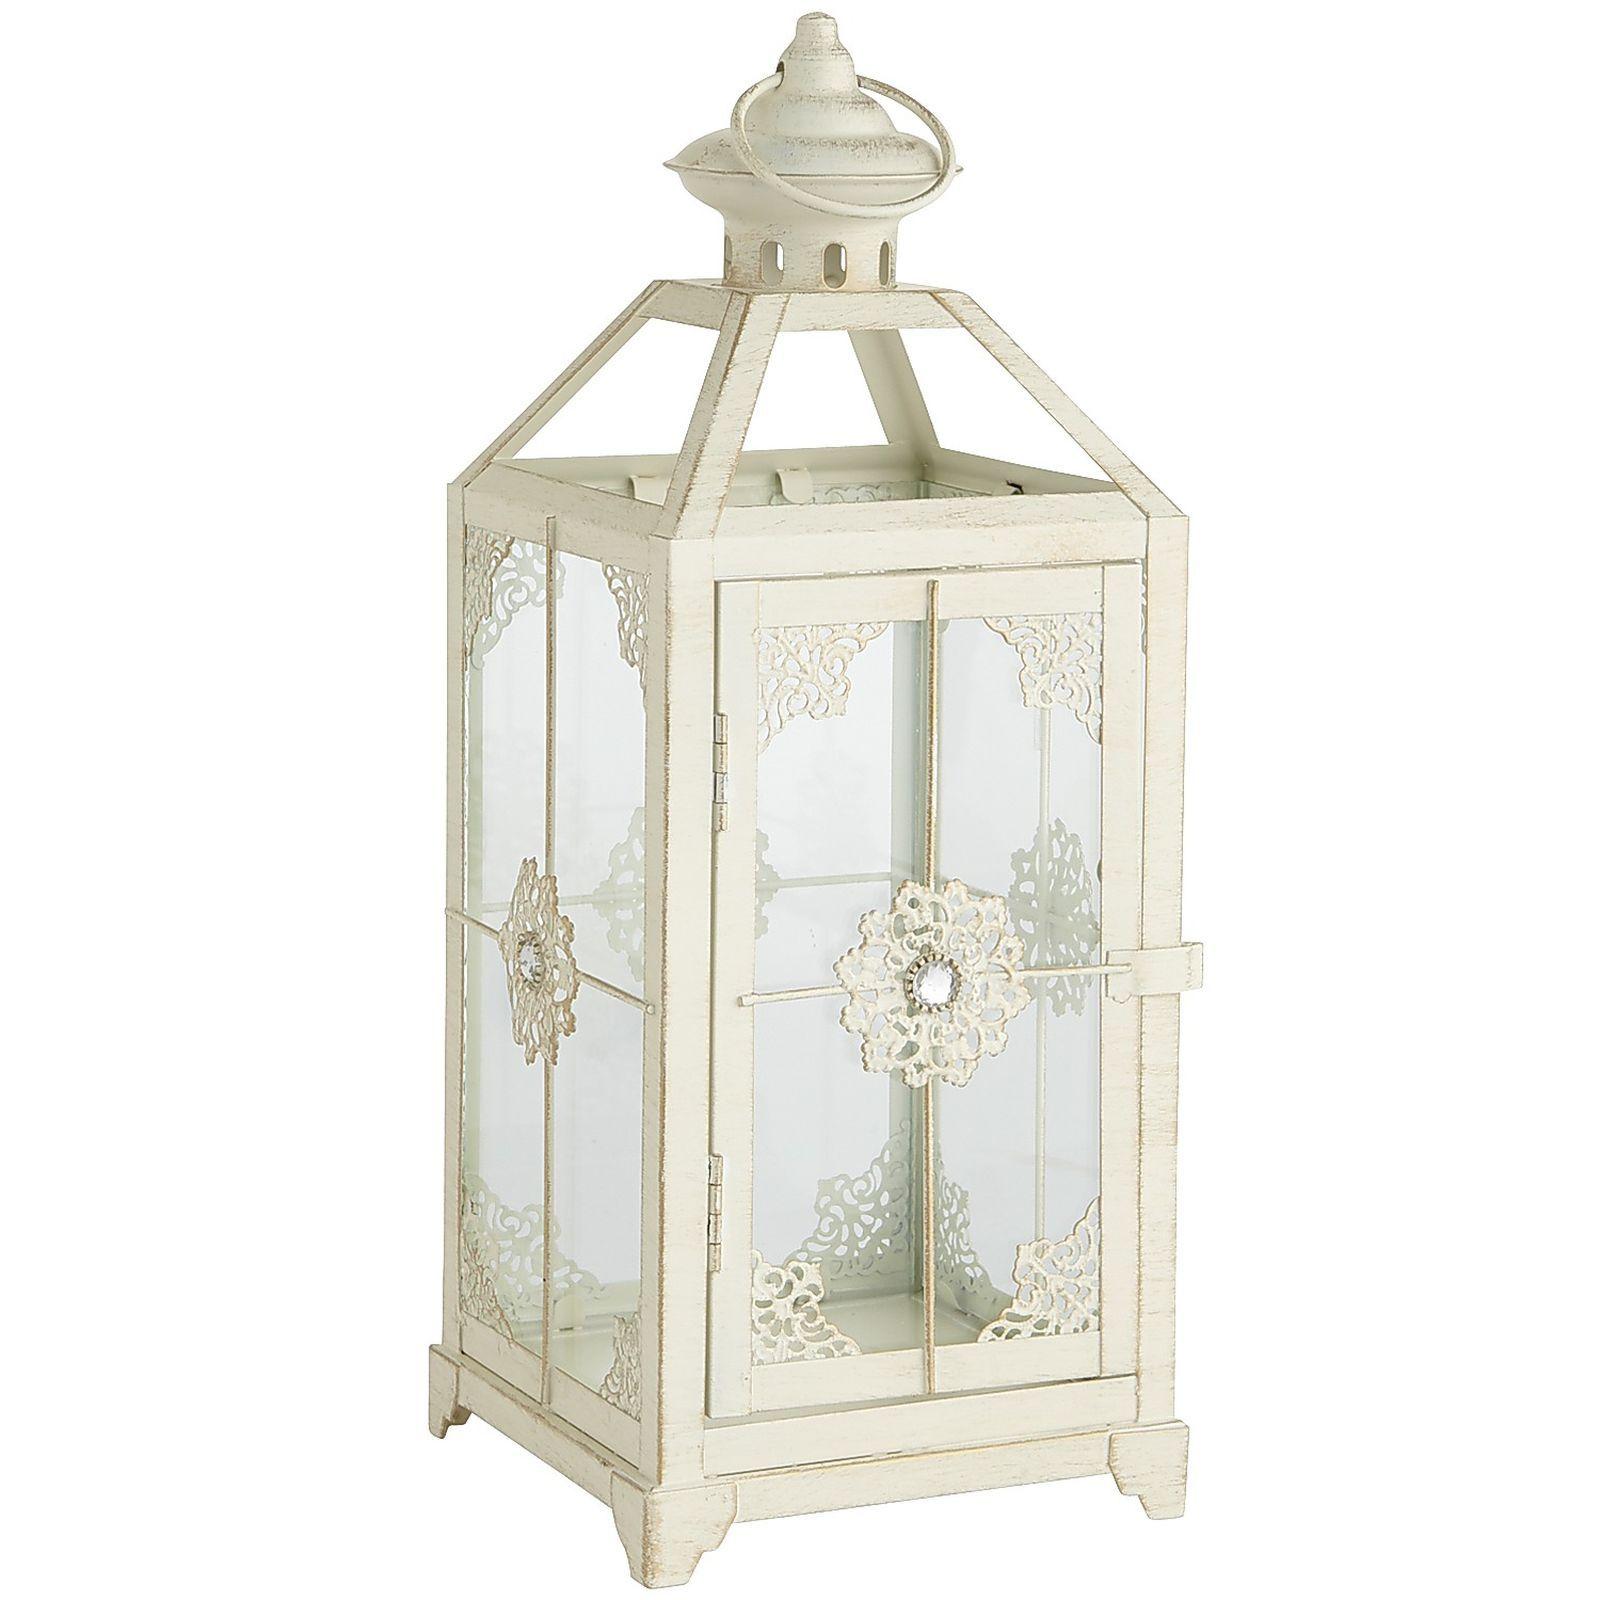 Medium Jeweled Lantern - White | Pier 1 Imports | wedding ideas ...